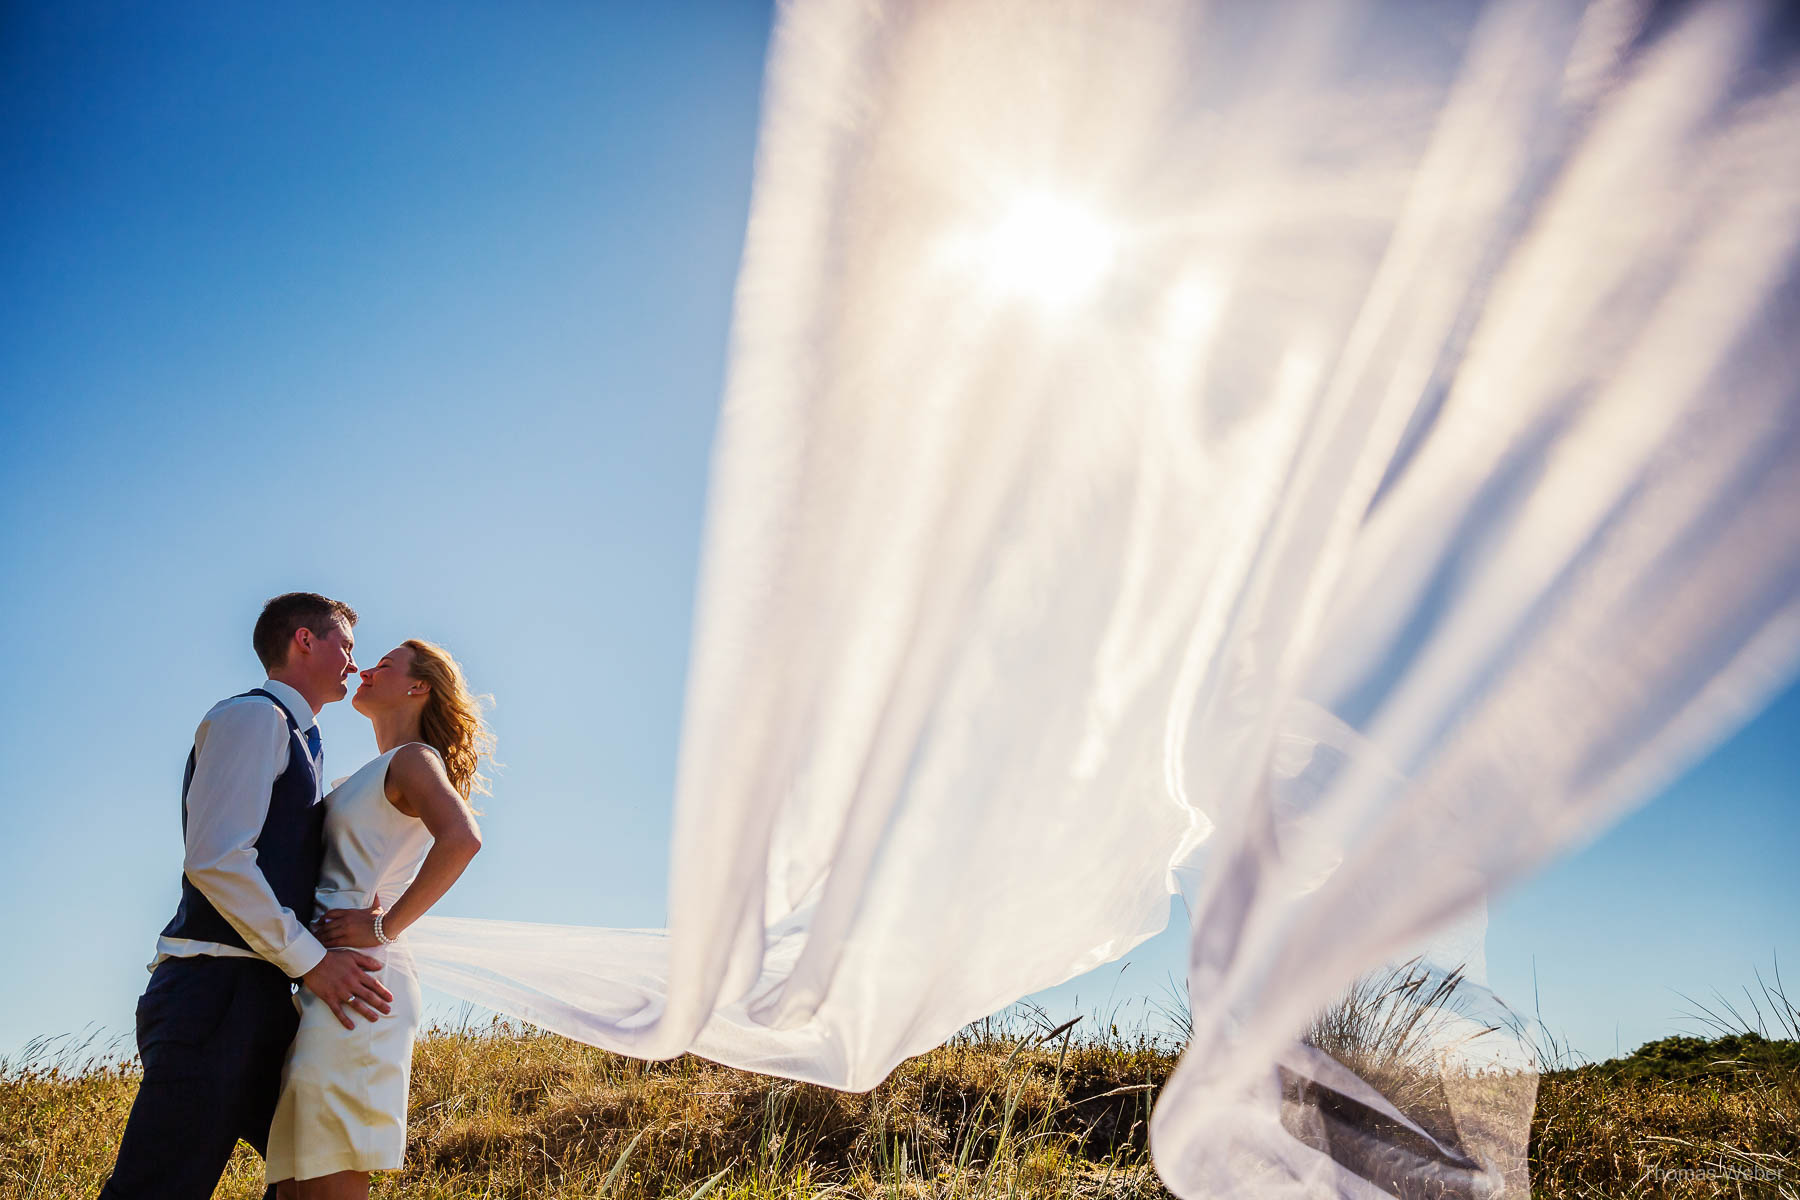 Hochzeitsfotograf Ostfriesland für schöne Hochzeitsfotos auf der Nordseeinsel Norderney, Heiraten auf Norderney